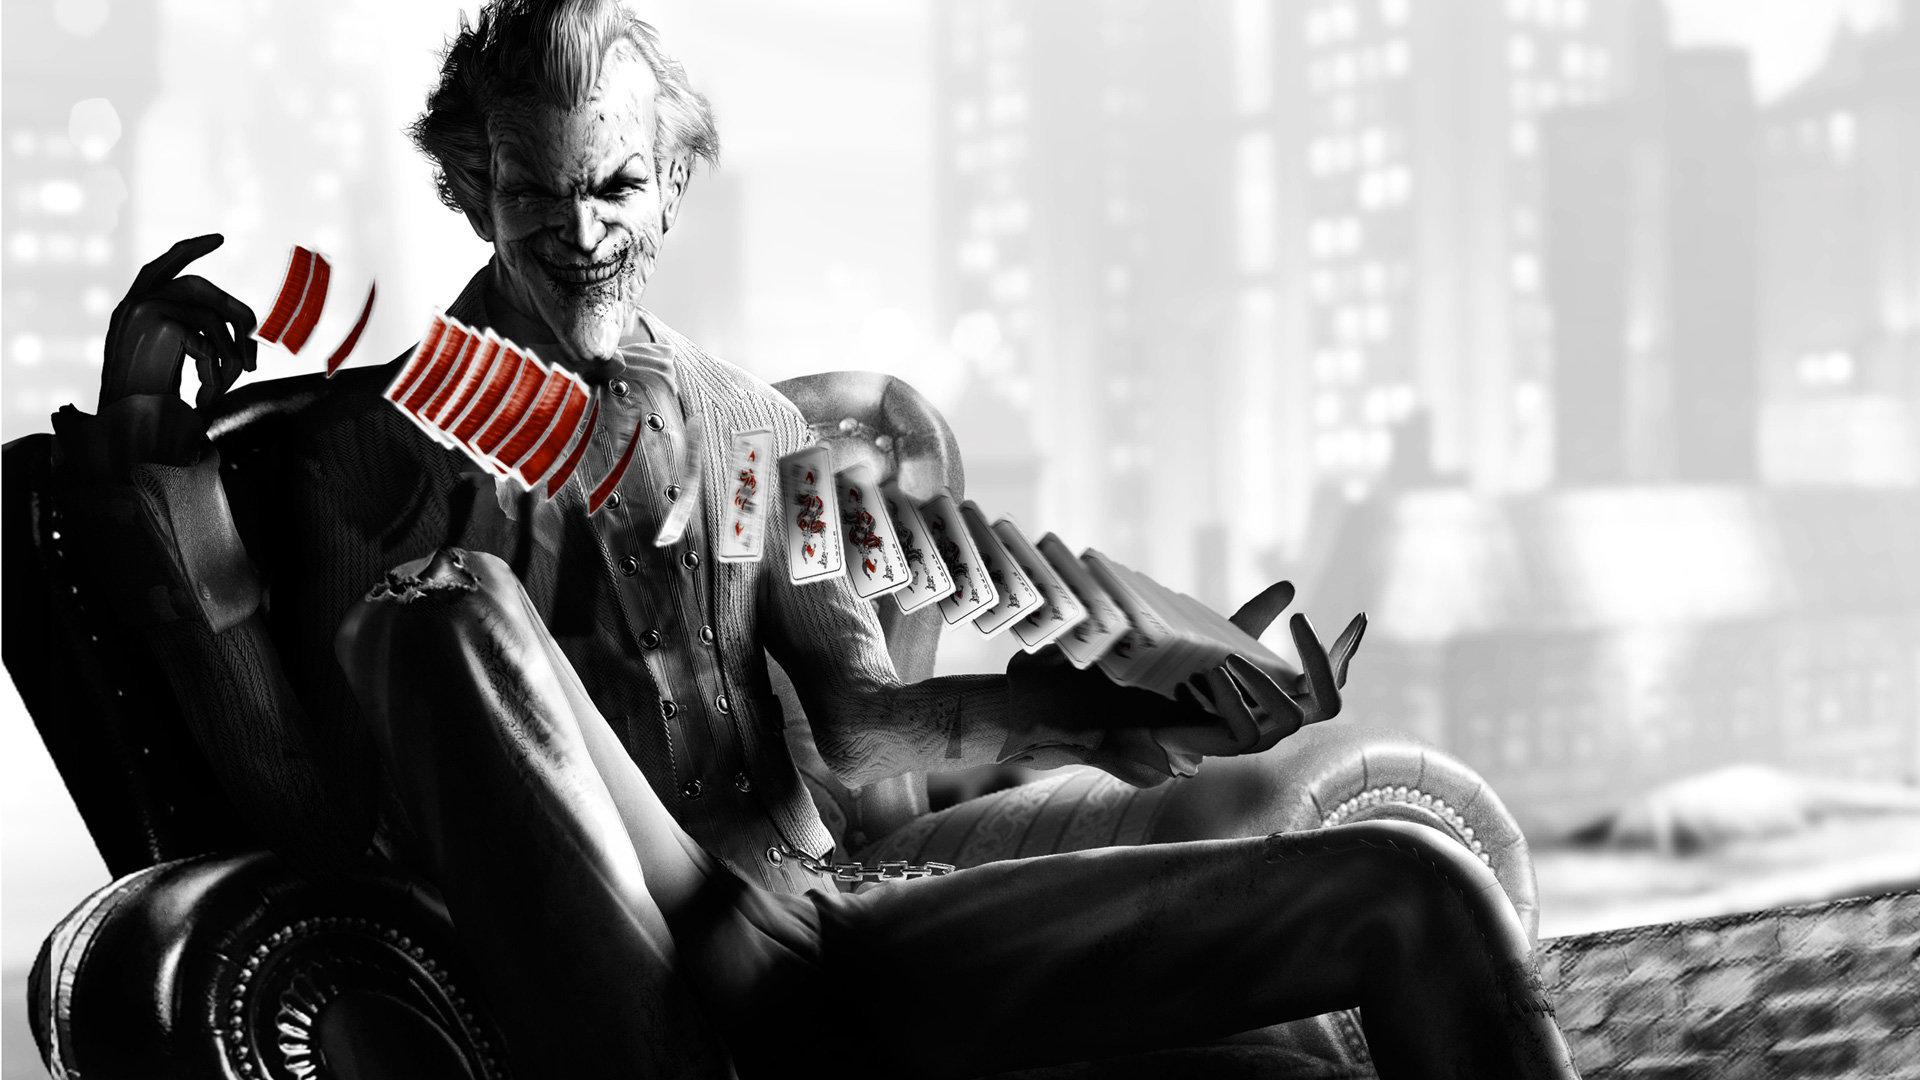 Batman and Joker iPhone Wallpaper 1920x1080